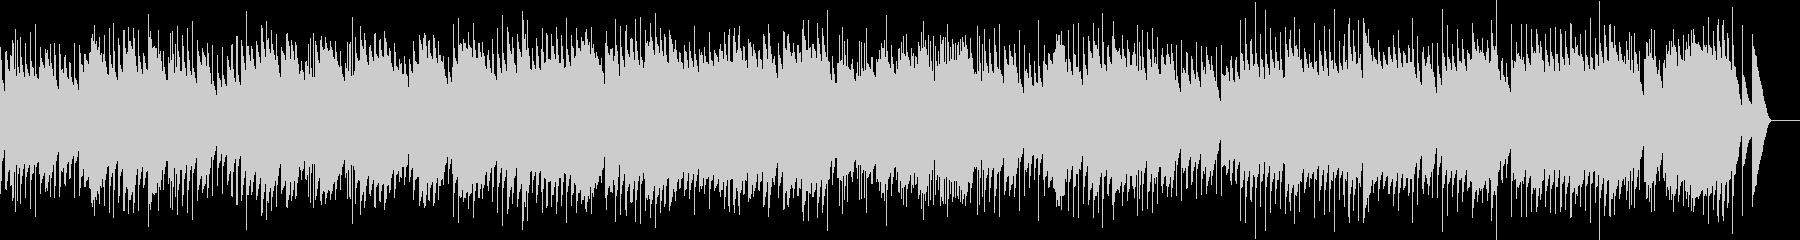 メンデルスゾーン 春の歌 (オルゴール)の未再生の波形